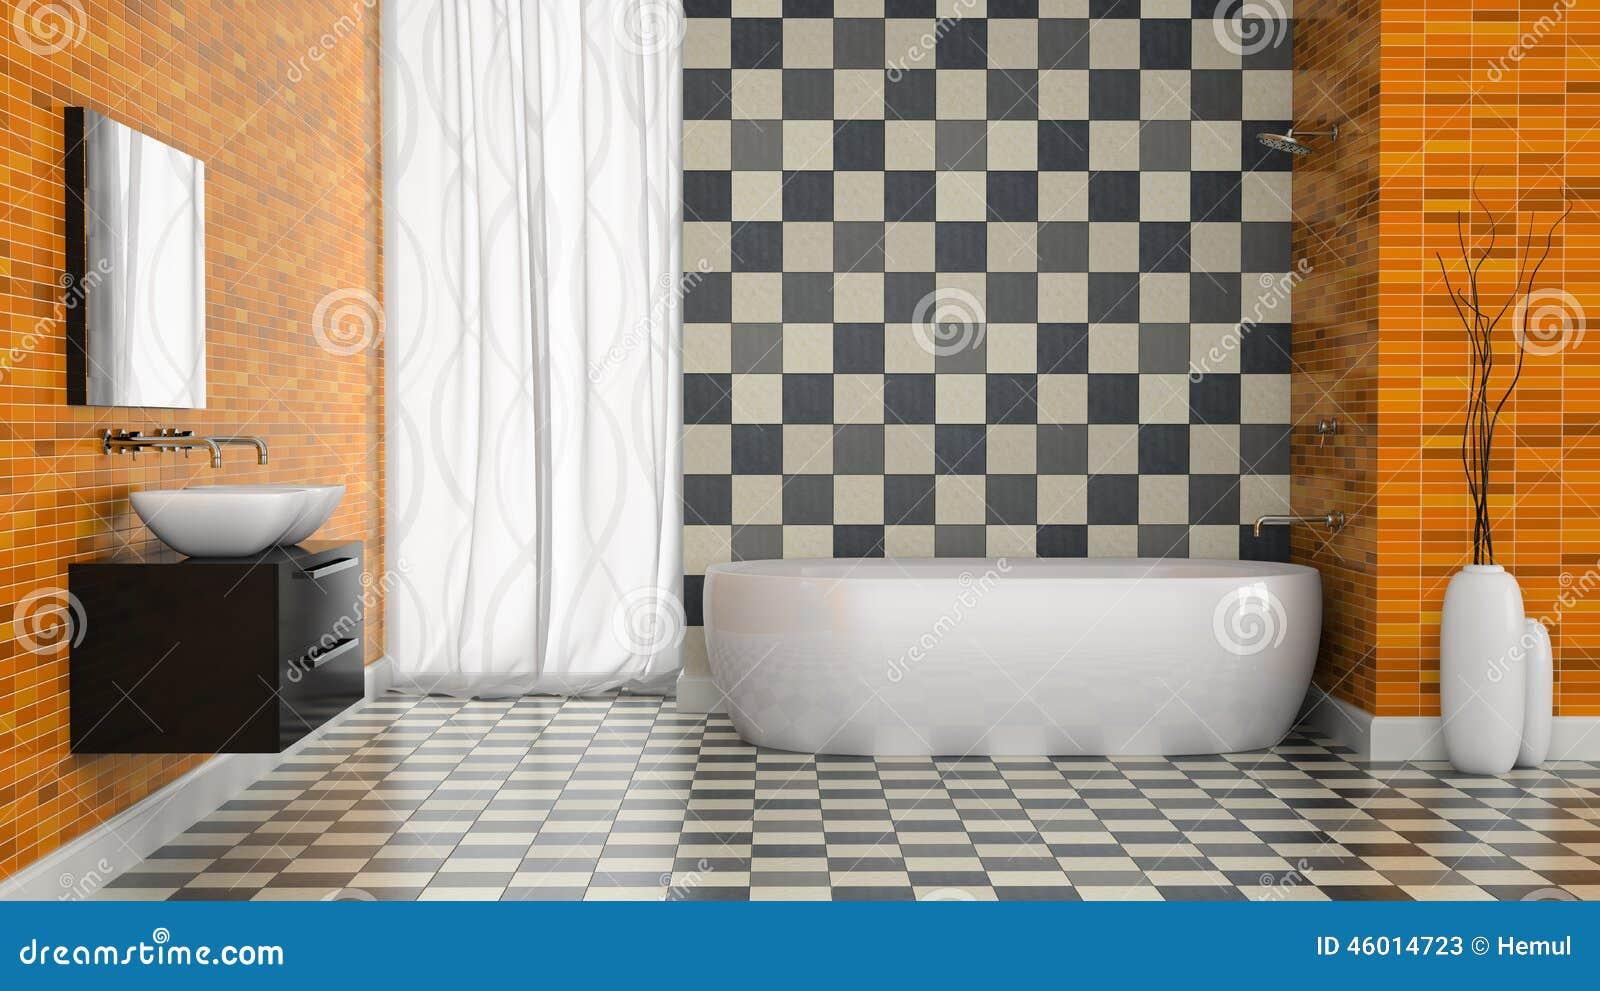 Dipingere Le Mattonelle Del Bagno : Colorare le mattonelle del ...